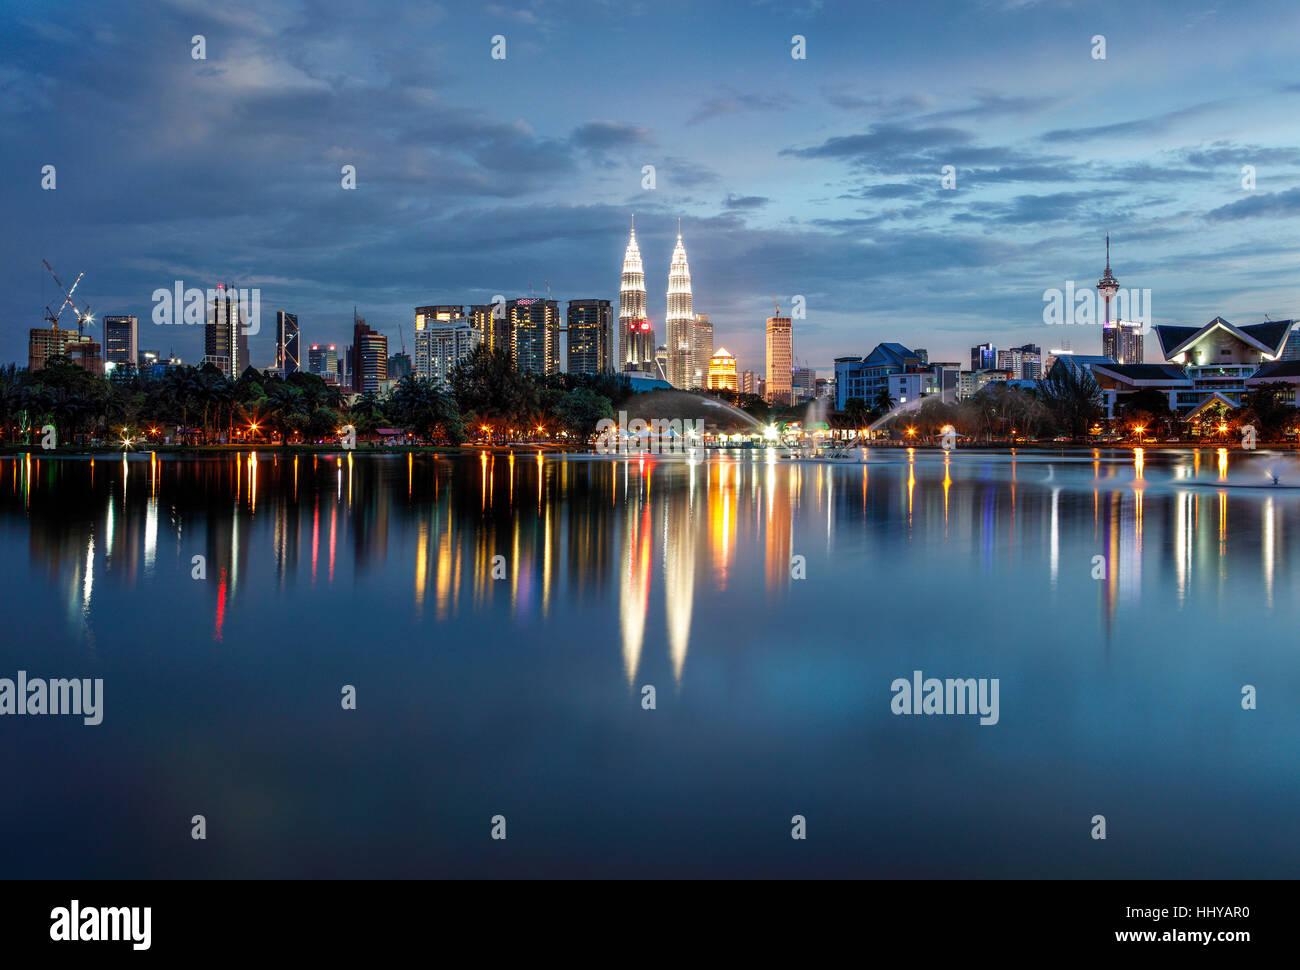 Lo skyline di Kuala Lumpur durante il crepuscolo. Immagini Stock